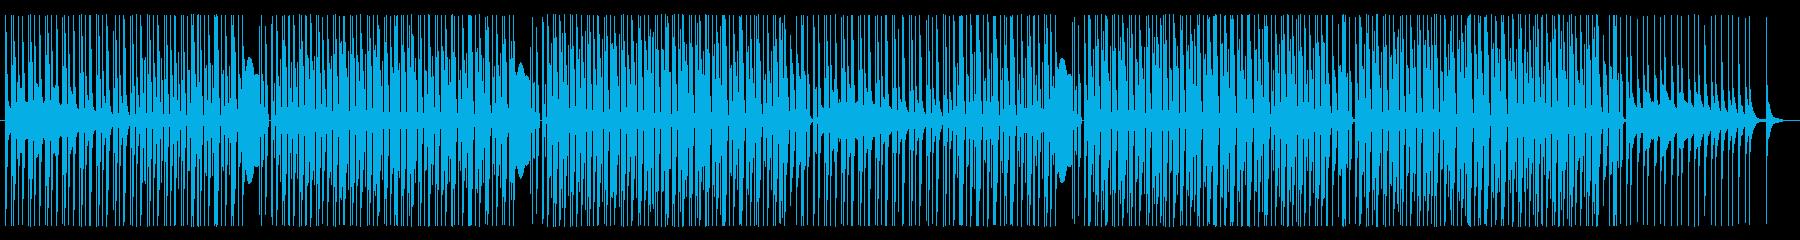 レゲトン、ラテン、ダンス系(ボーカル抜きの再生済みの波形